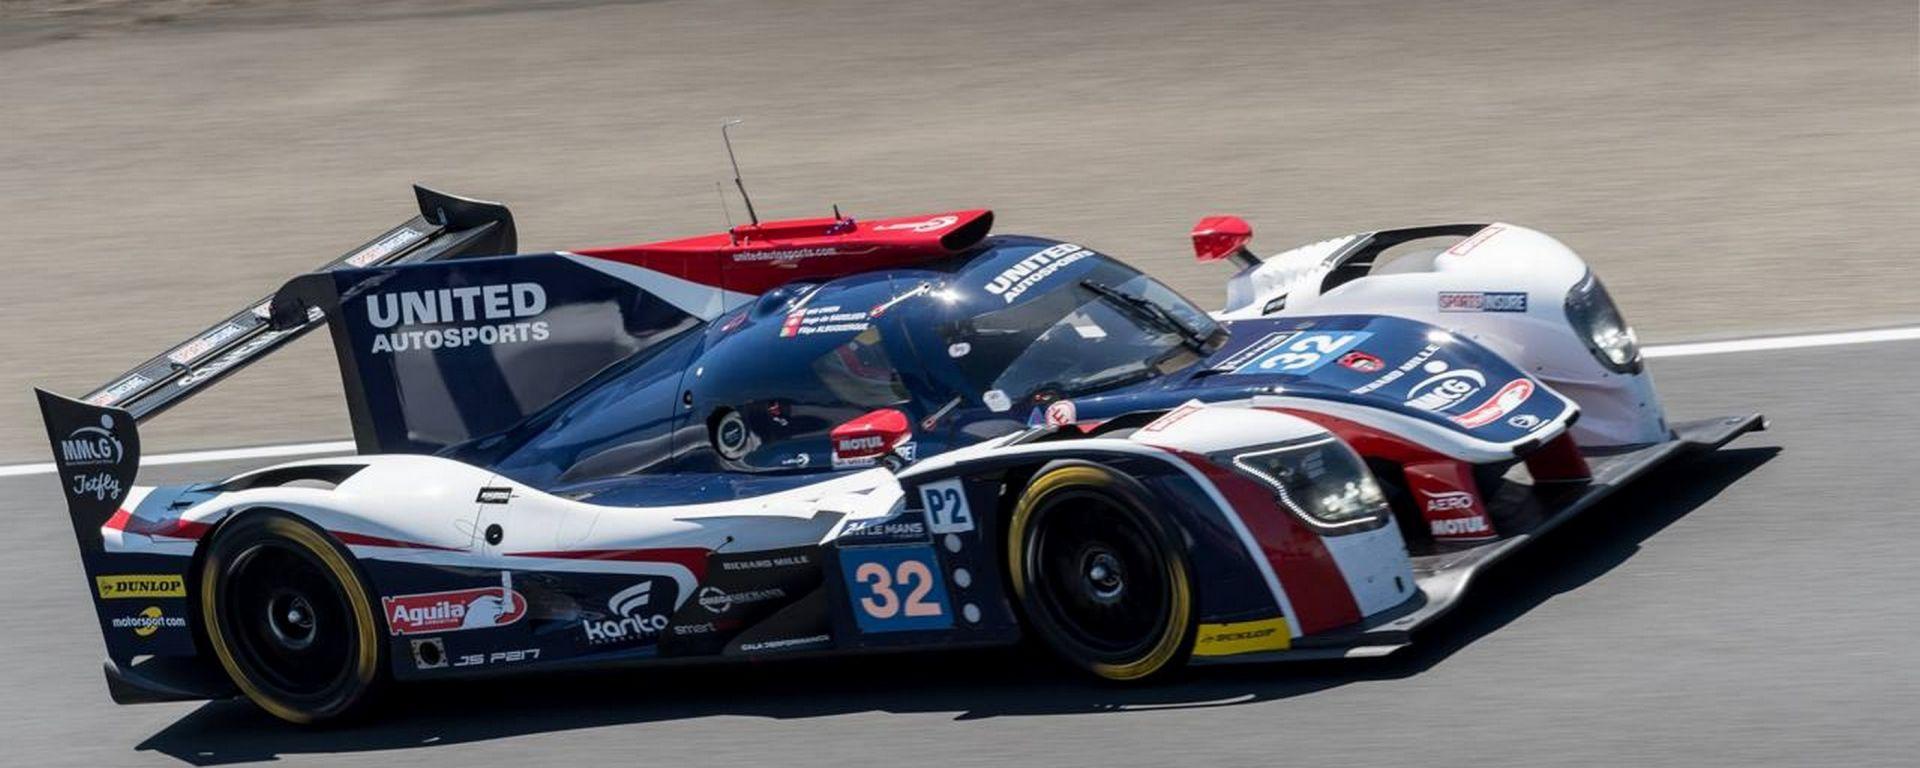 24 Ore di Le Mans 2017: vittoria Porsche, debacle Toyota